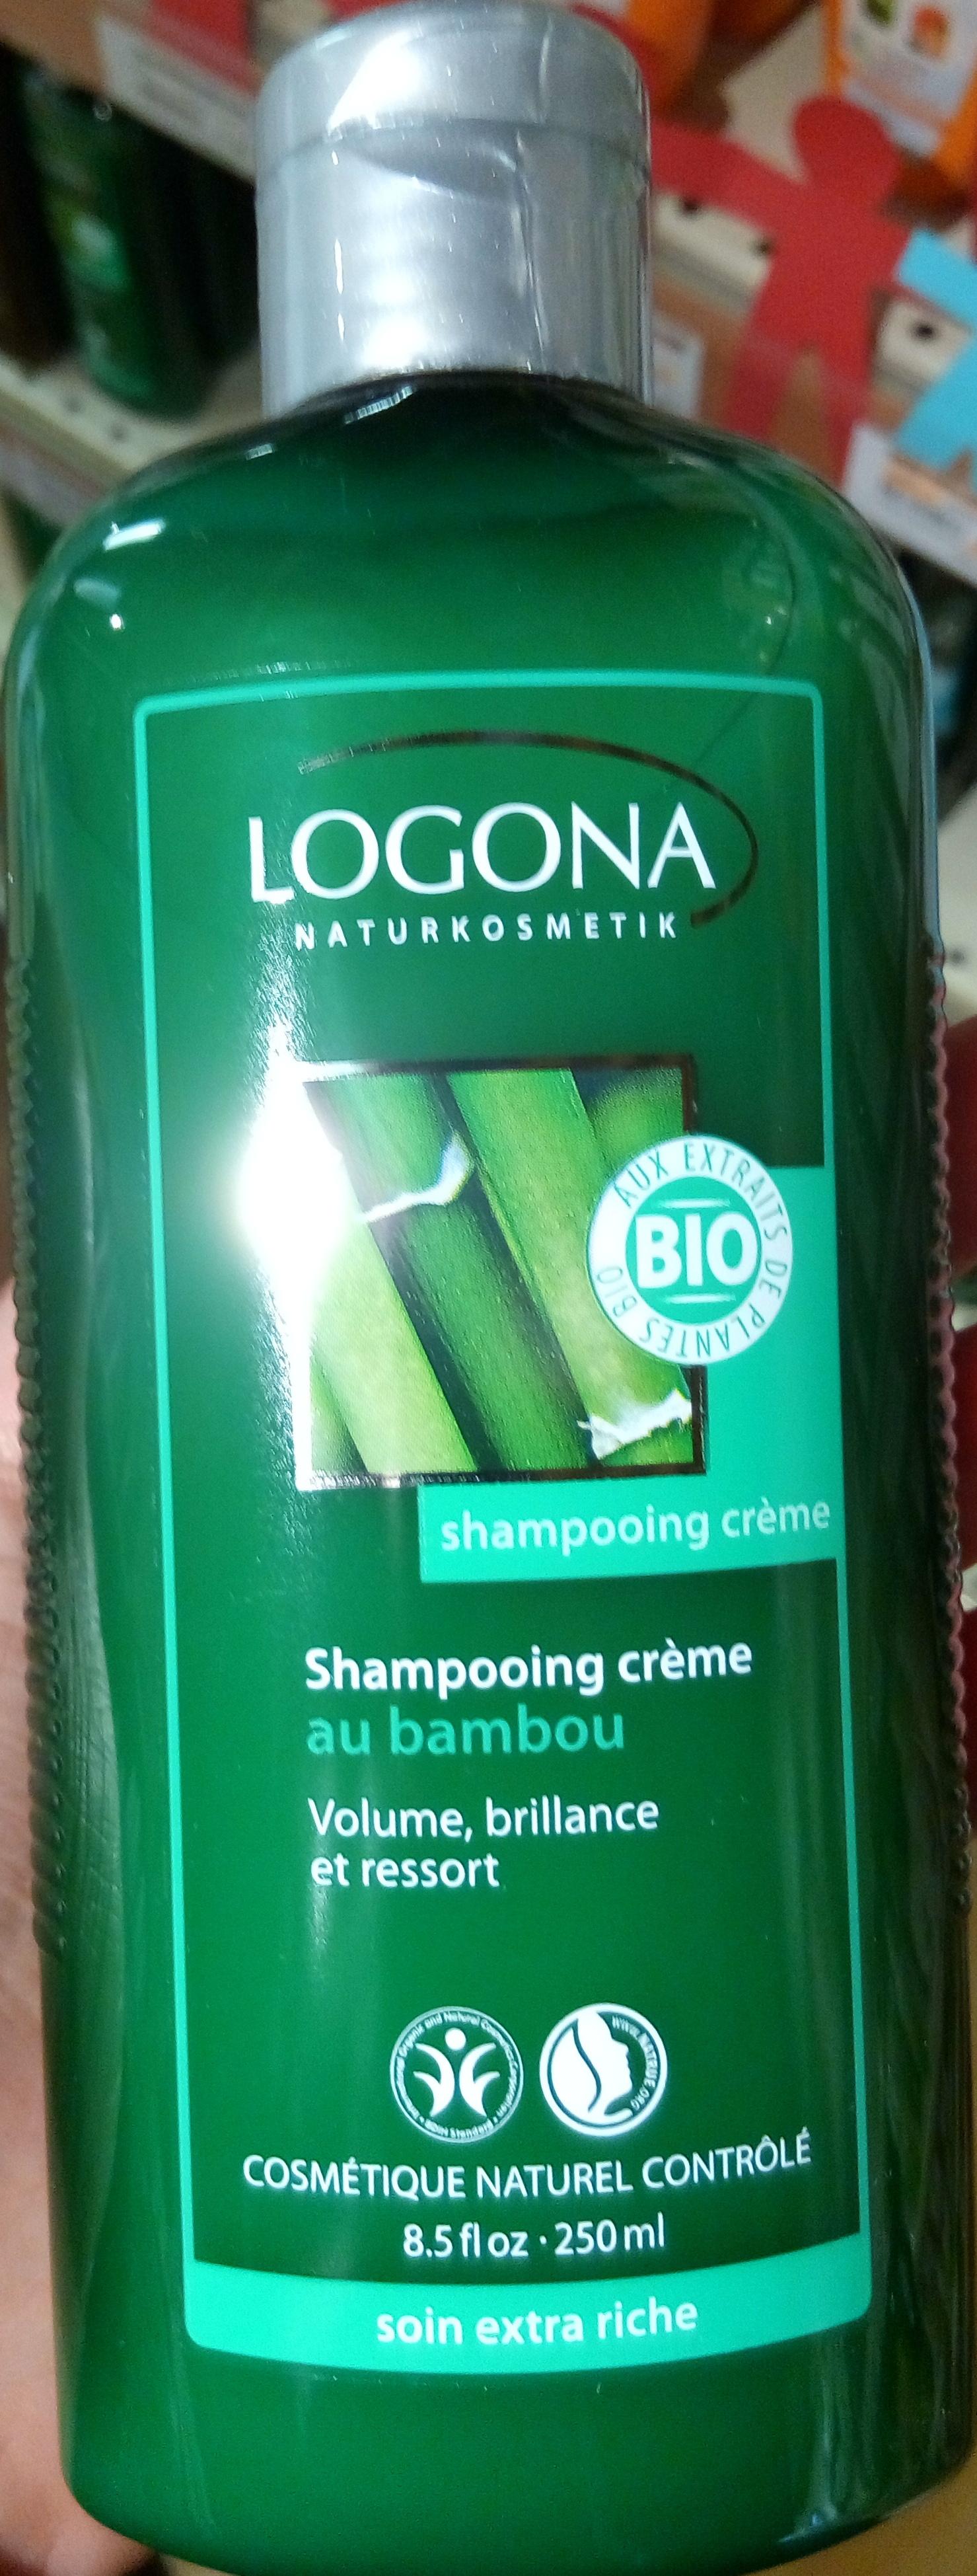 Shampooing crème au bambou - Produit - fr